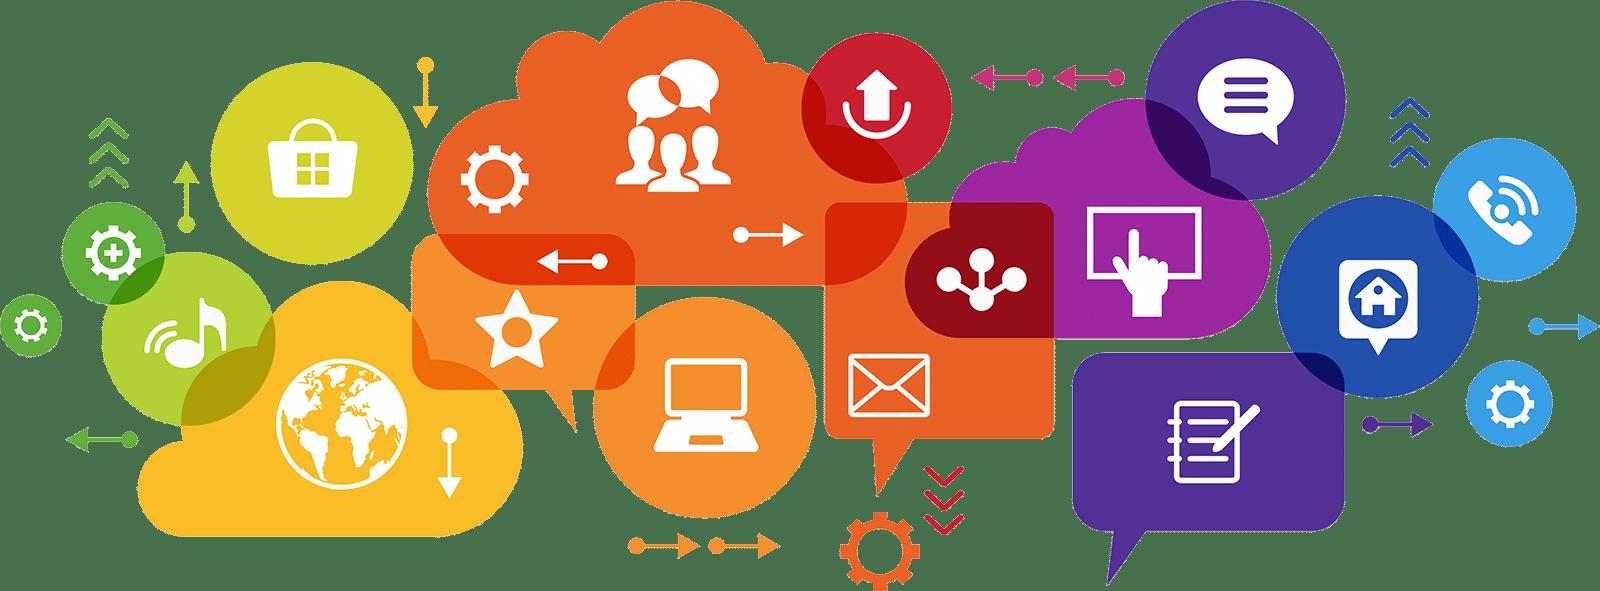 social_media_support